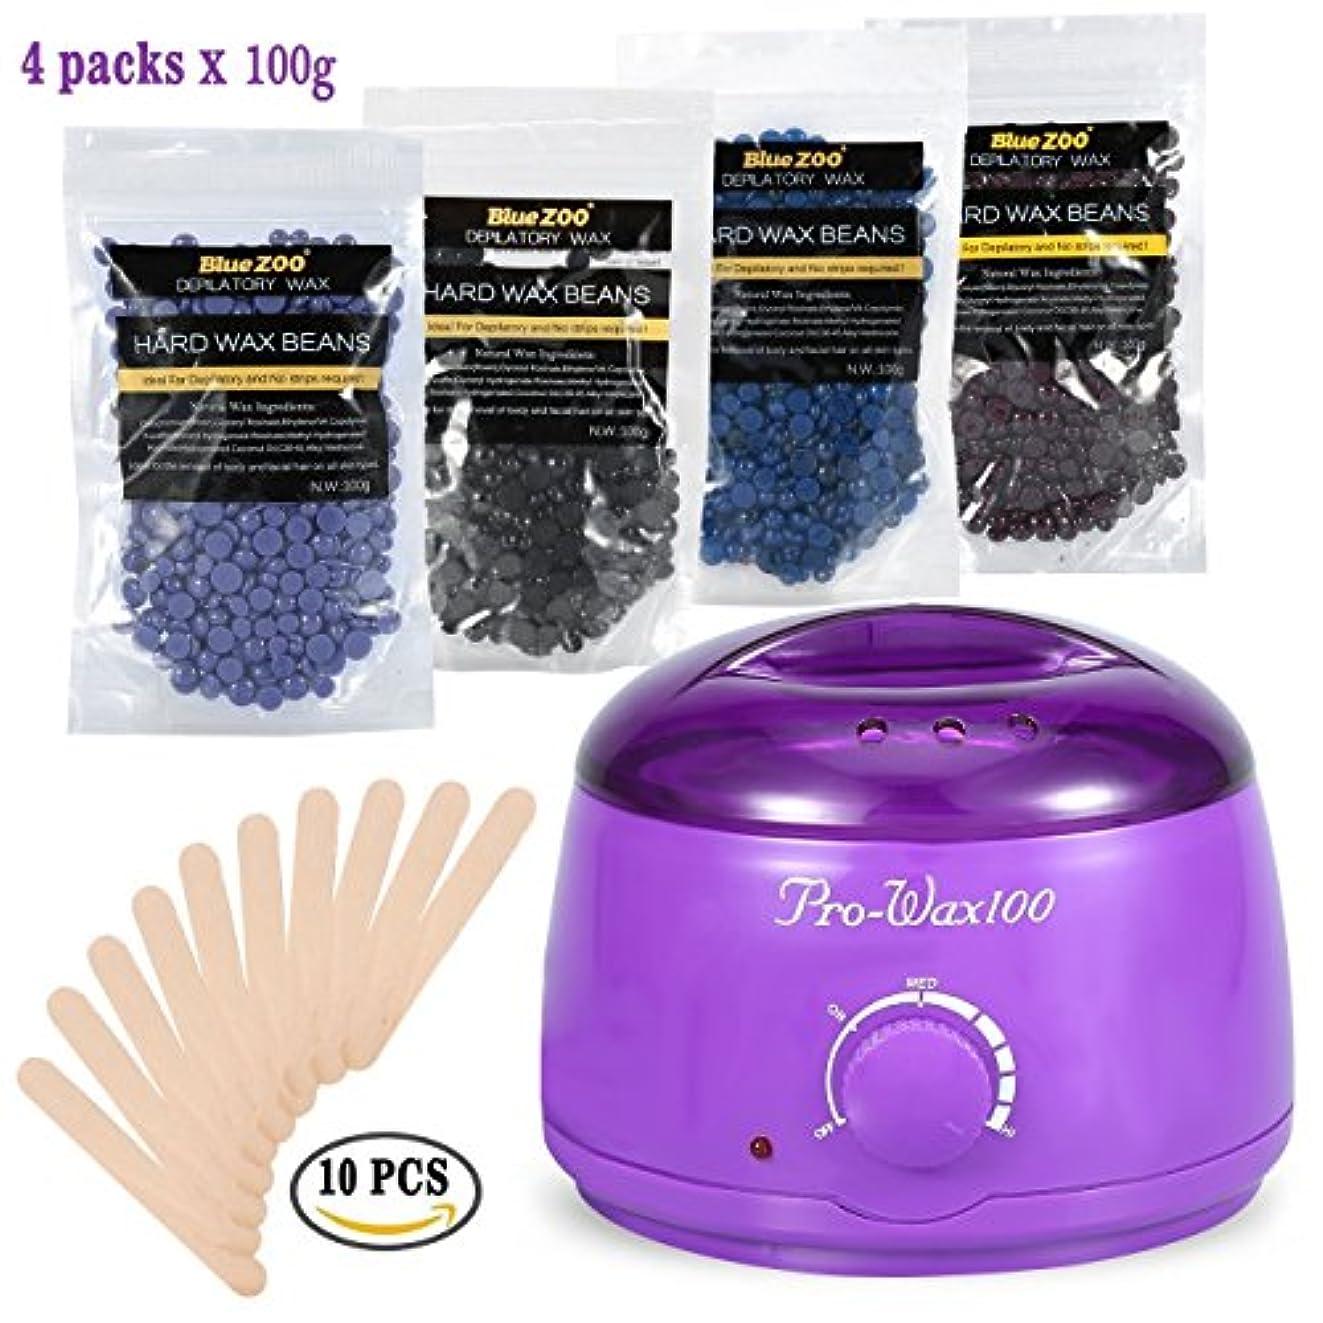 ベックス把握独立したビキニボディ脱毛キットをワックスがけ、500ミリリットル電気ワックスヒーター(紫)ハードワックス豆と10木製のへら、ワックス豆の100Gバッグの異なる味の4種類 (1)